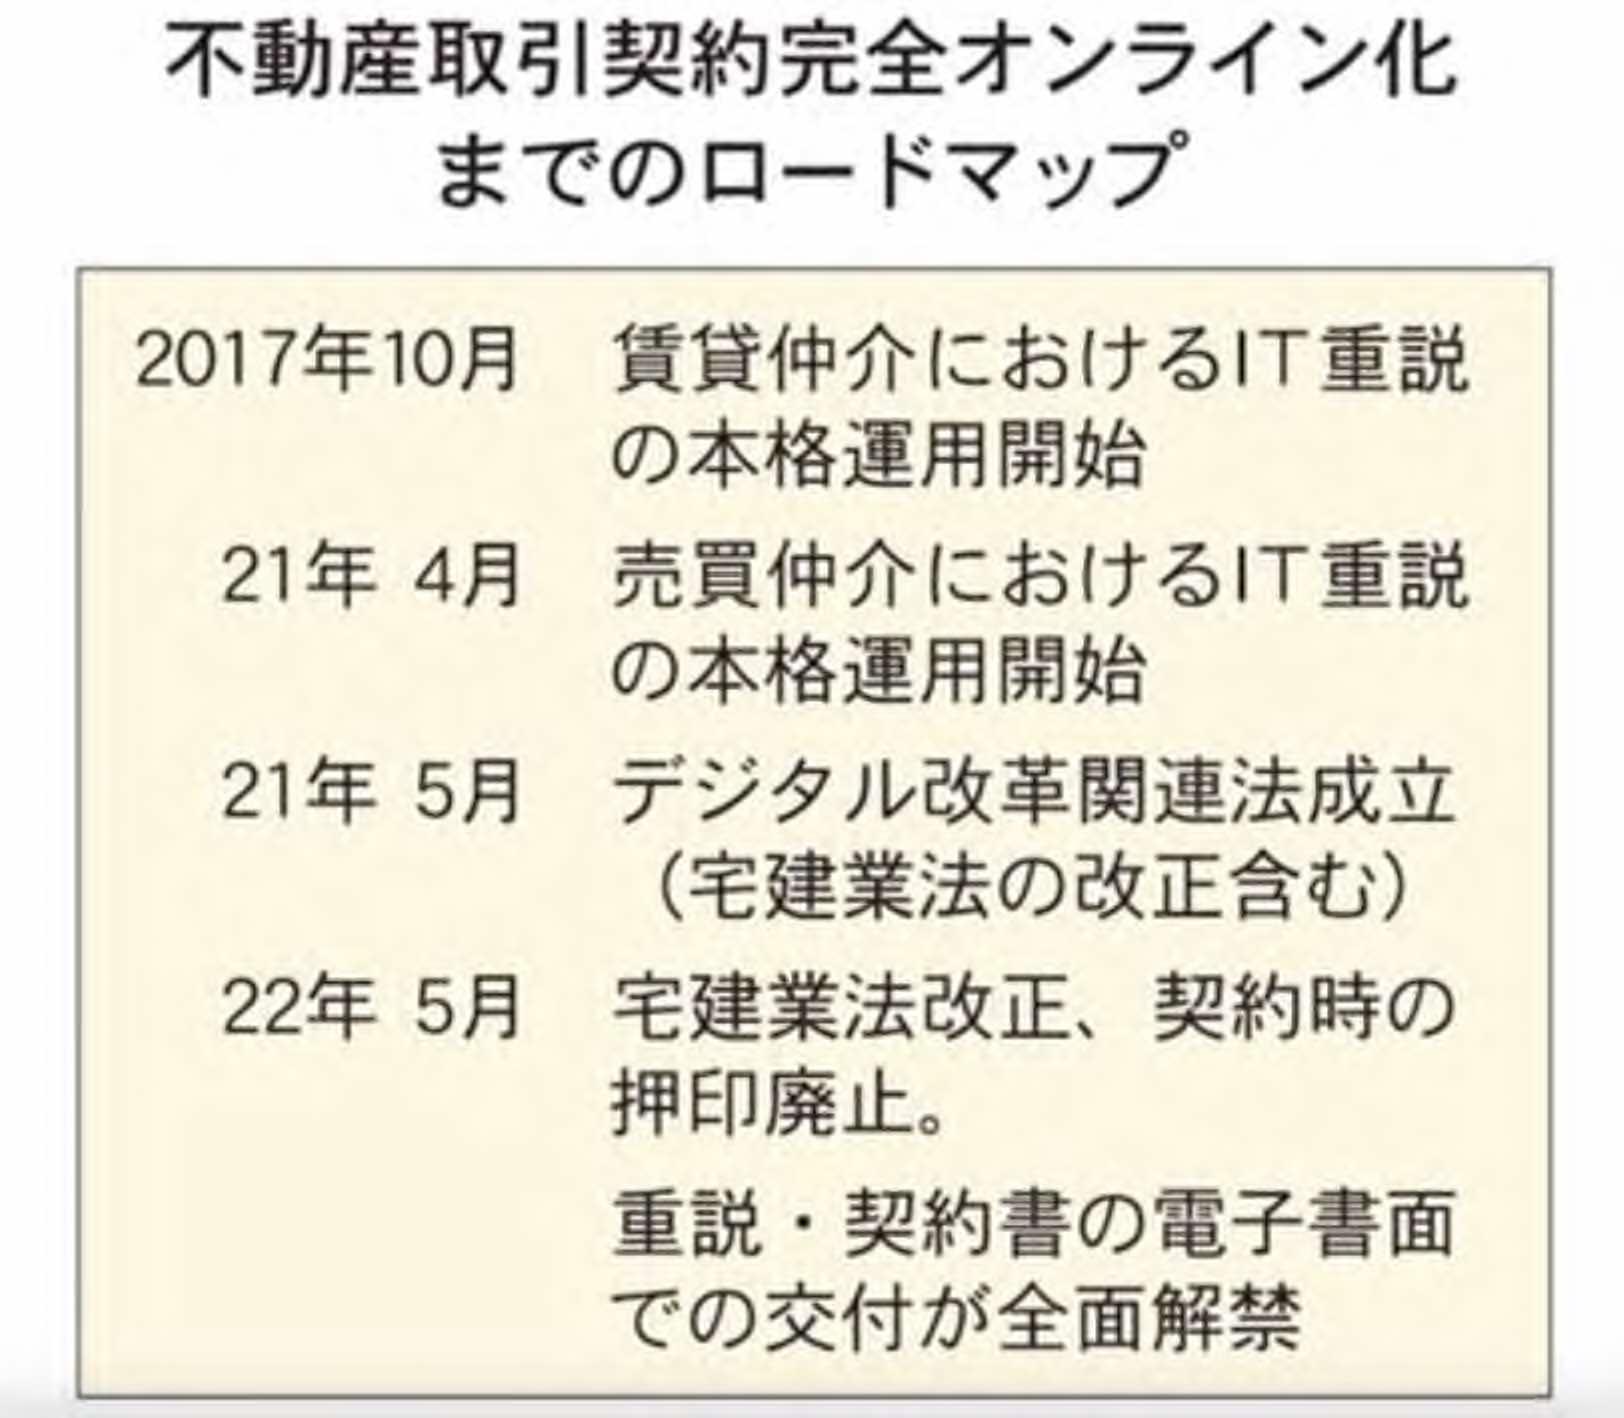 スクリーンショット 2021-08-16 8.57.45